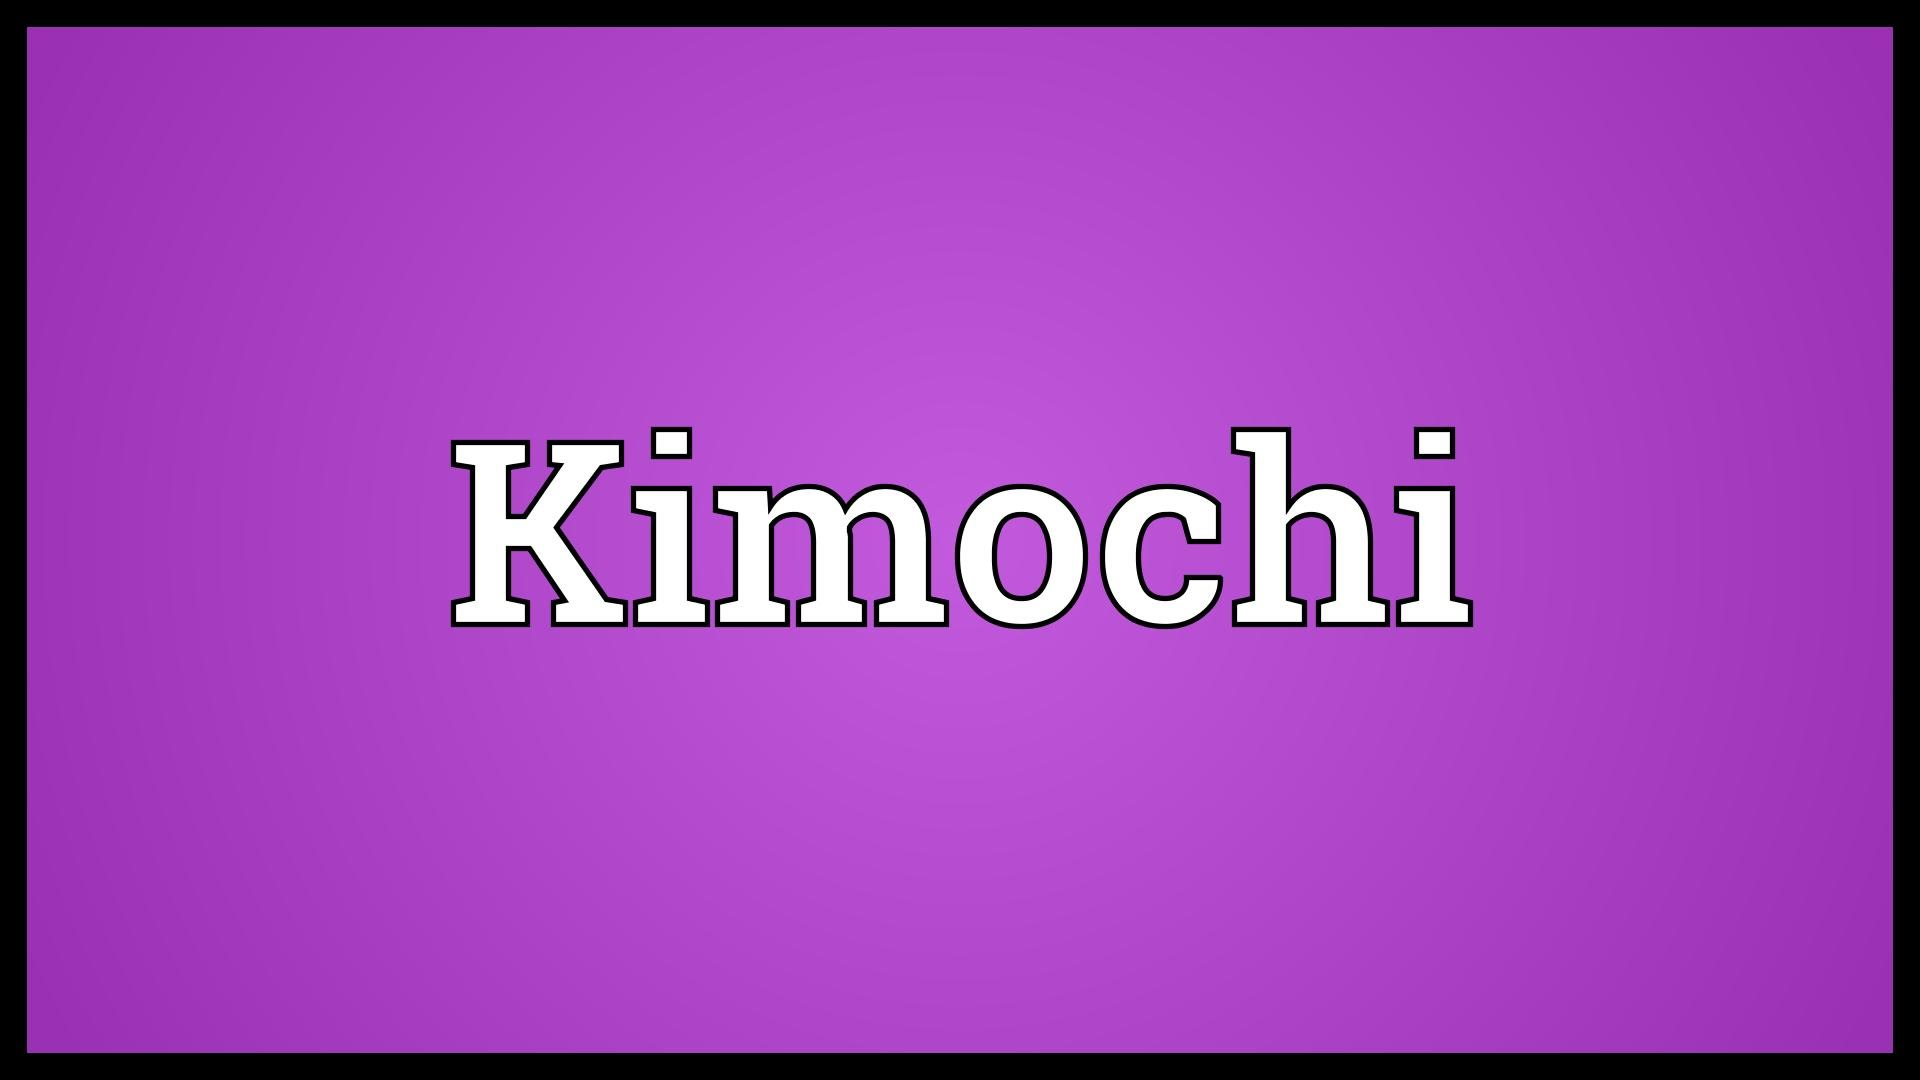 Kimochi Là Gì? Tìm Hiểu Về Kimochi Là Gì?